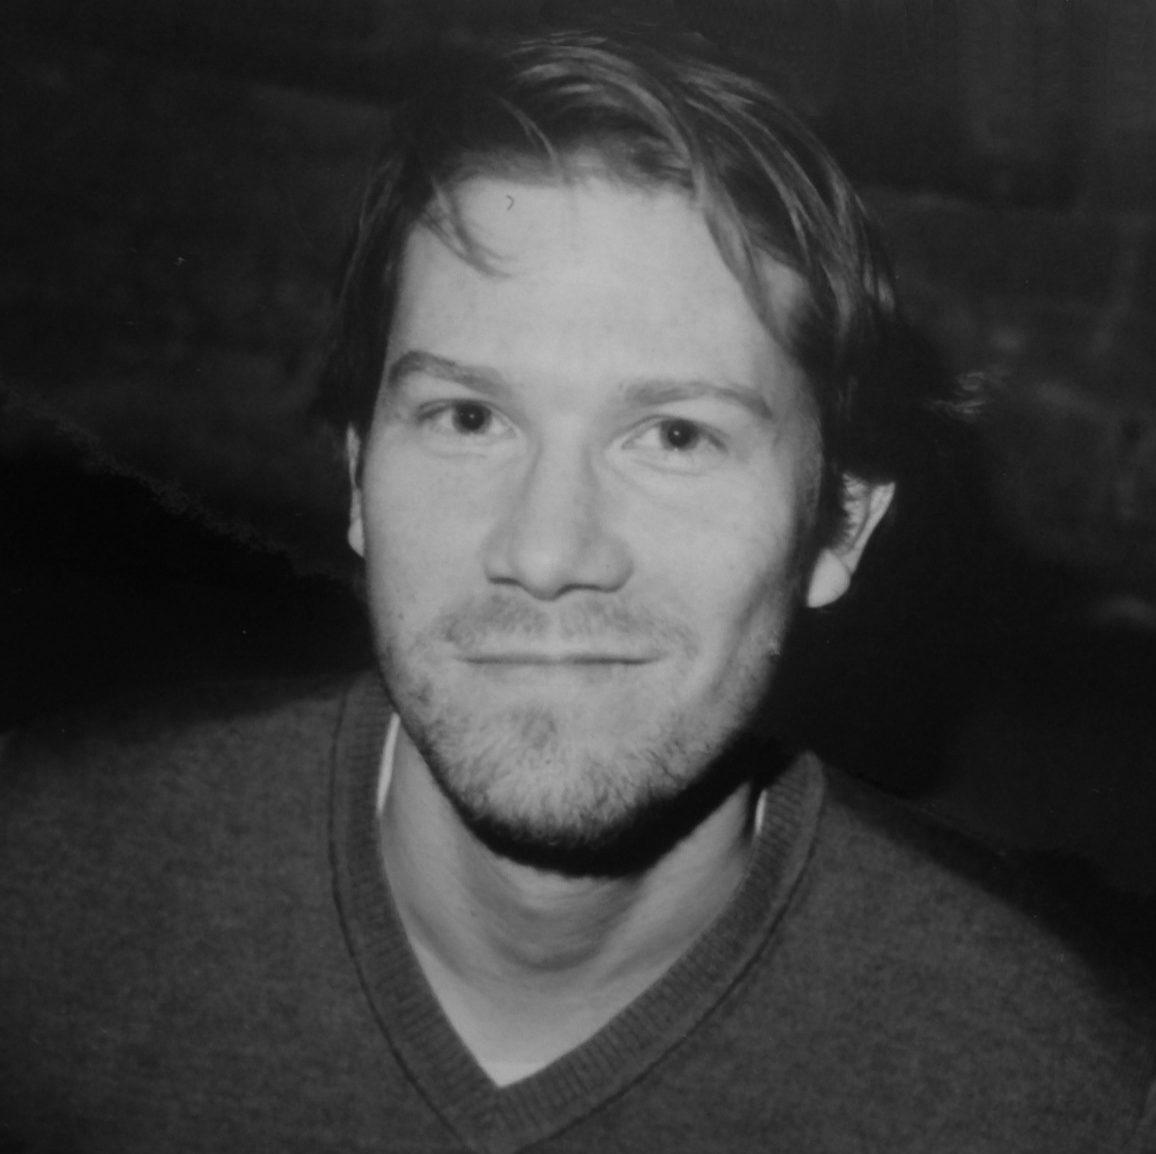 Chris Bodenner